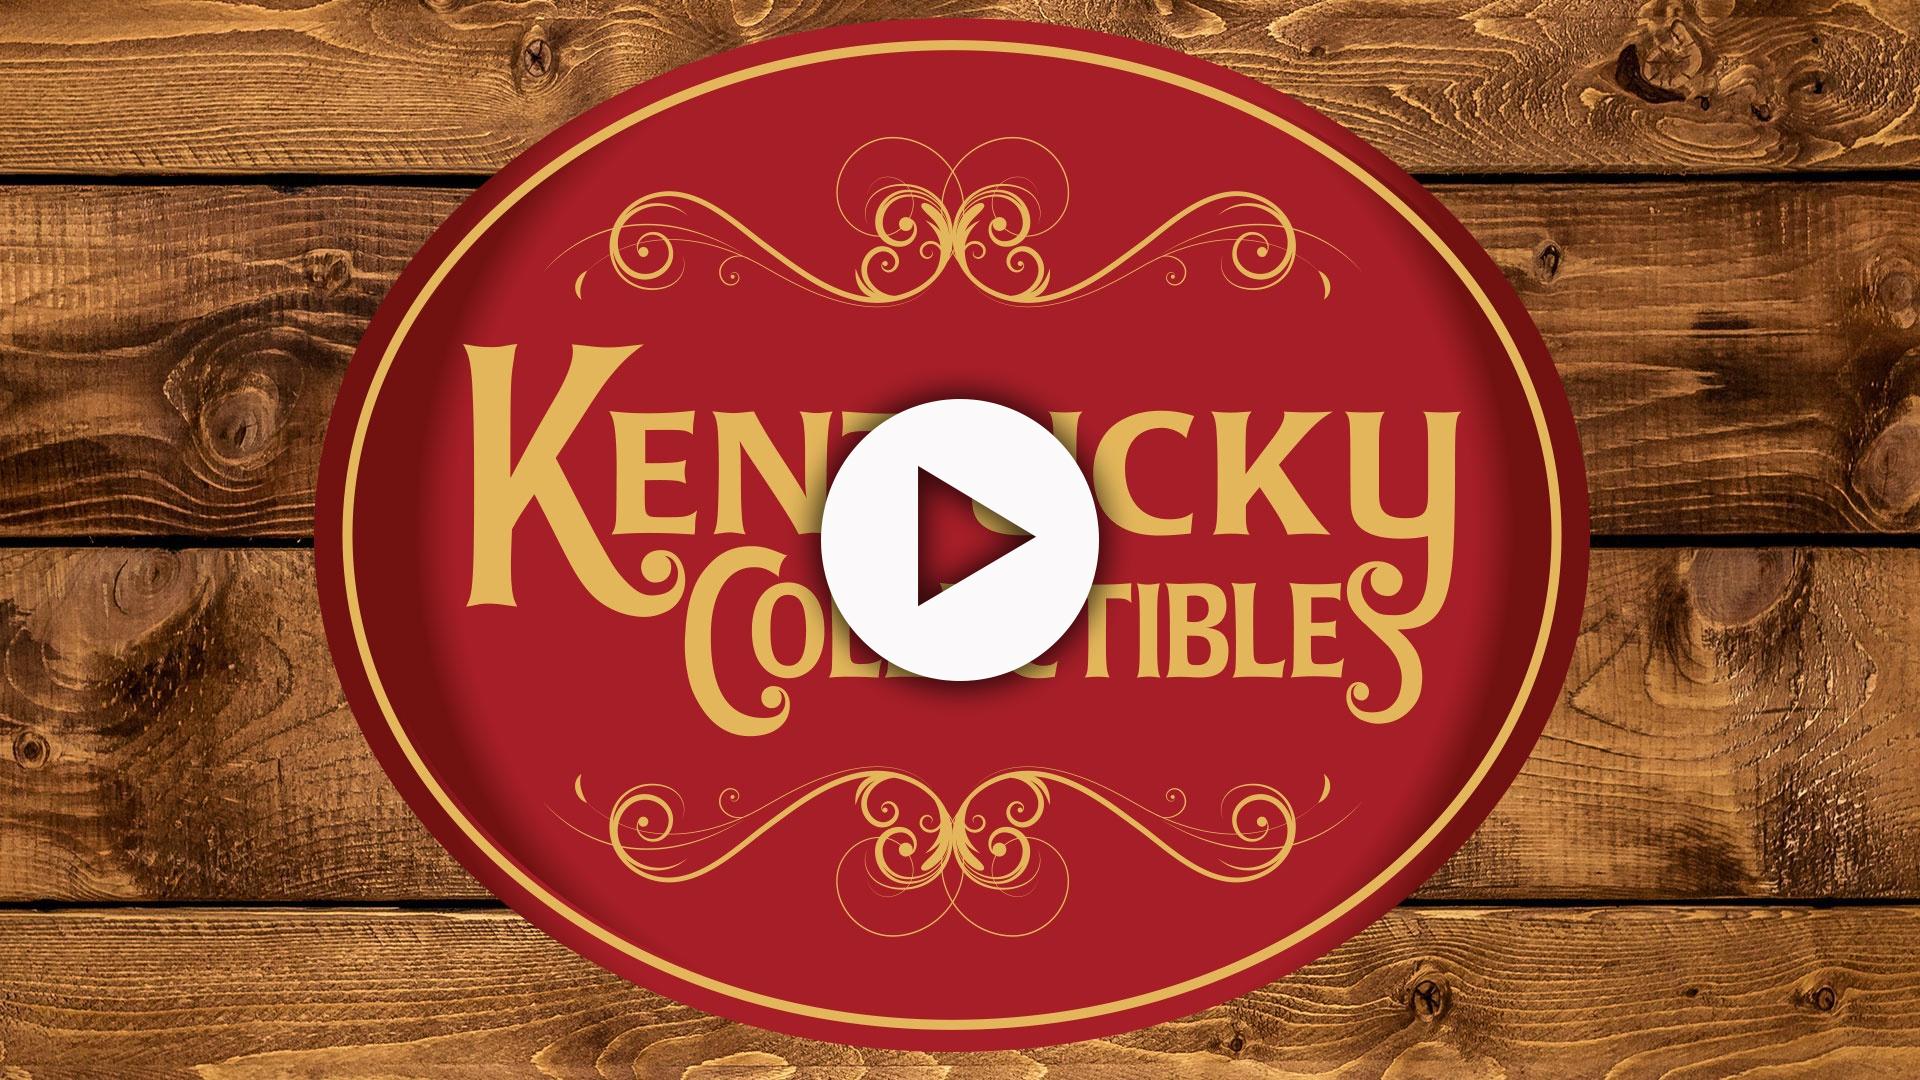 The Kentucky Collectibles logo.